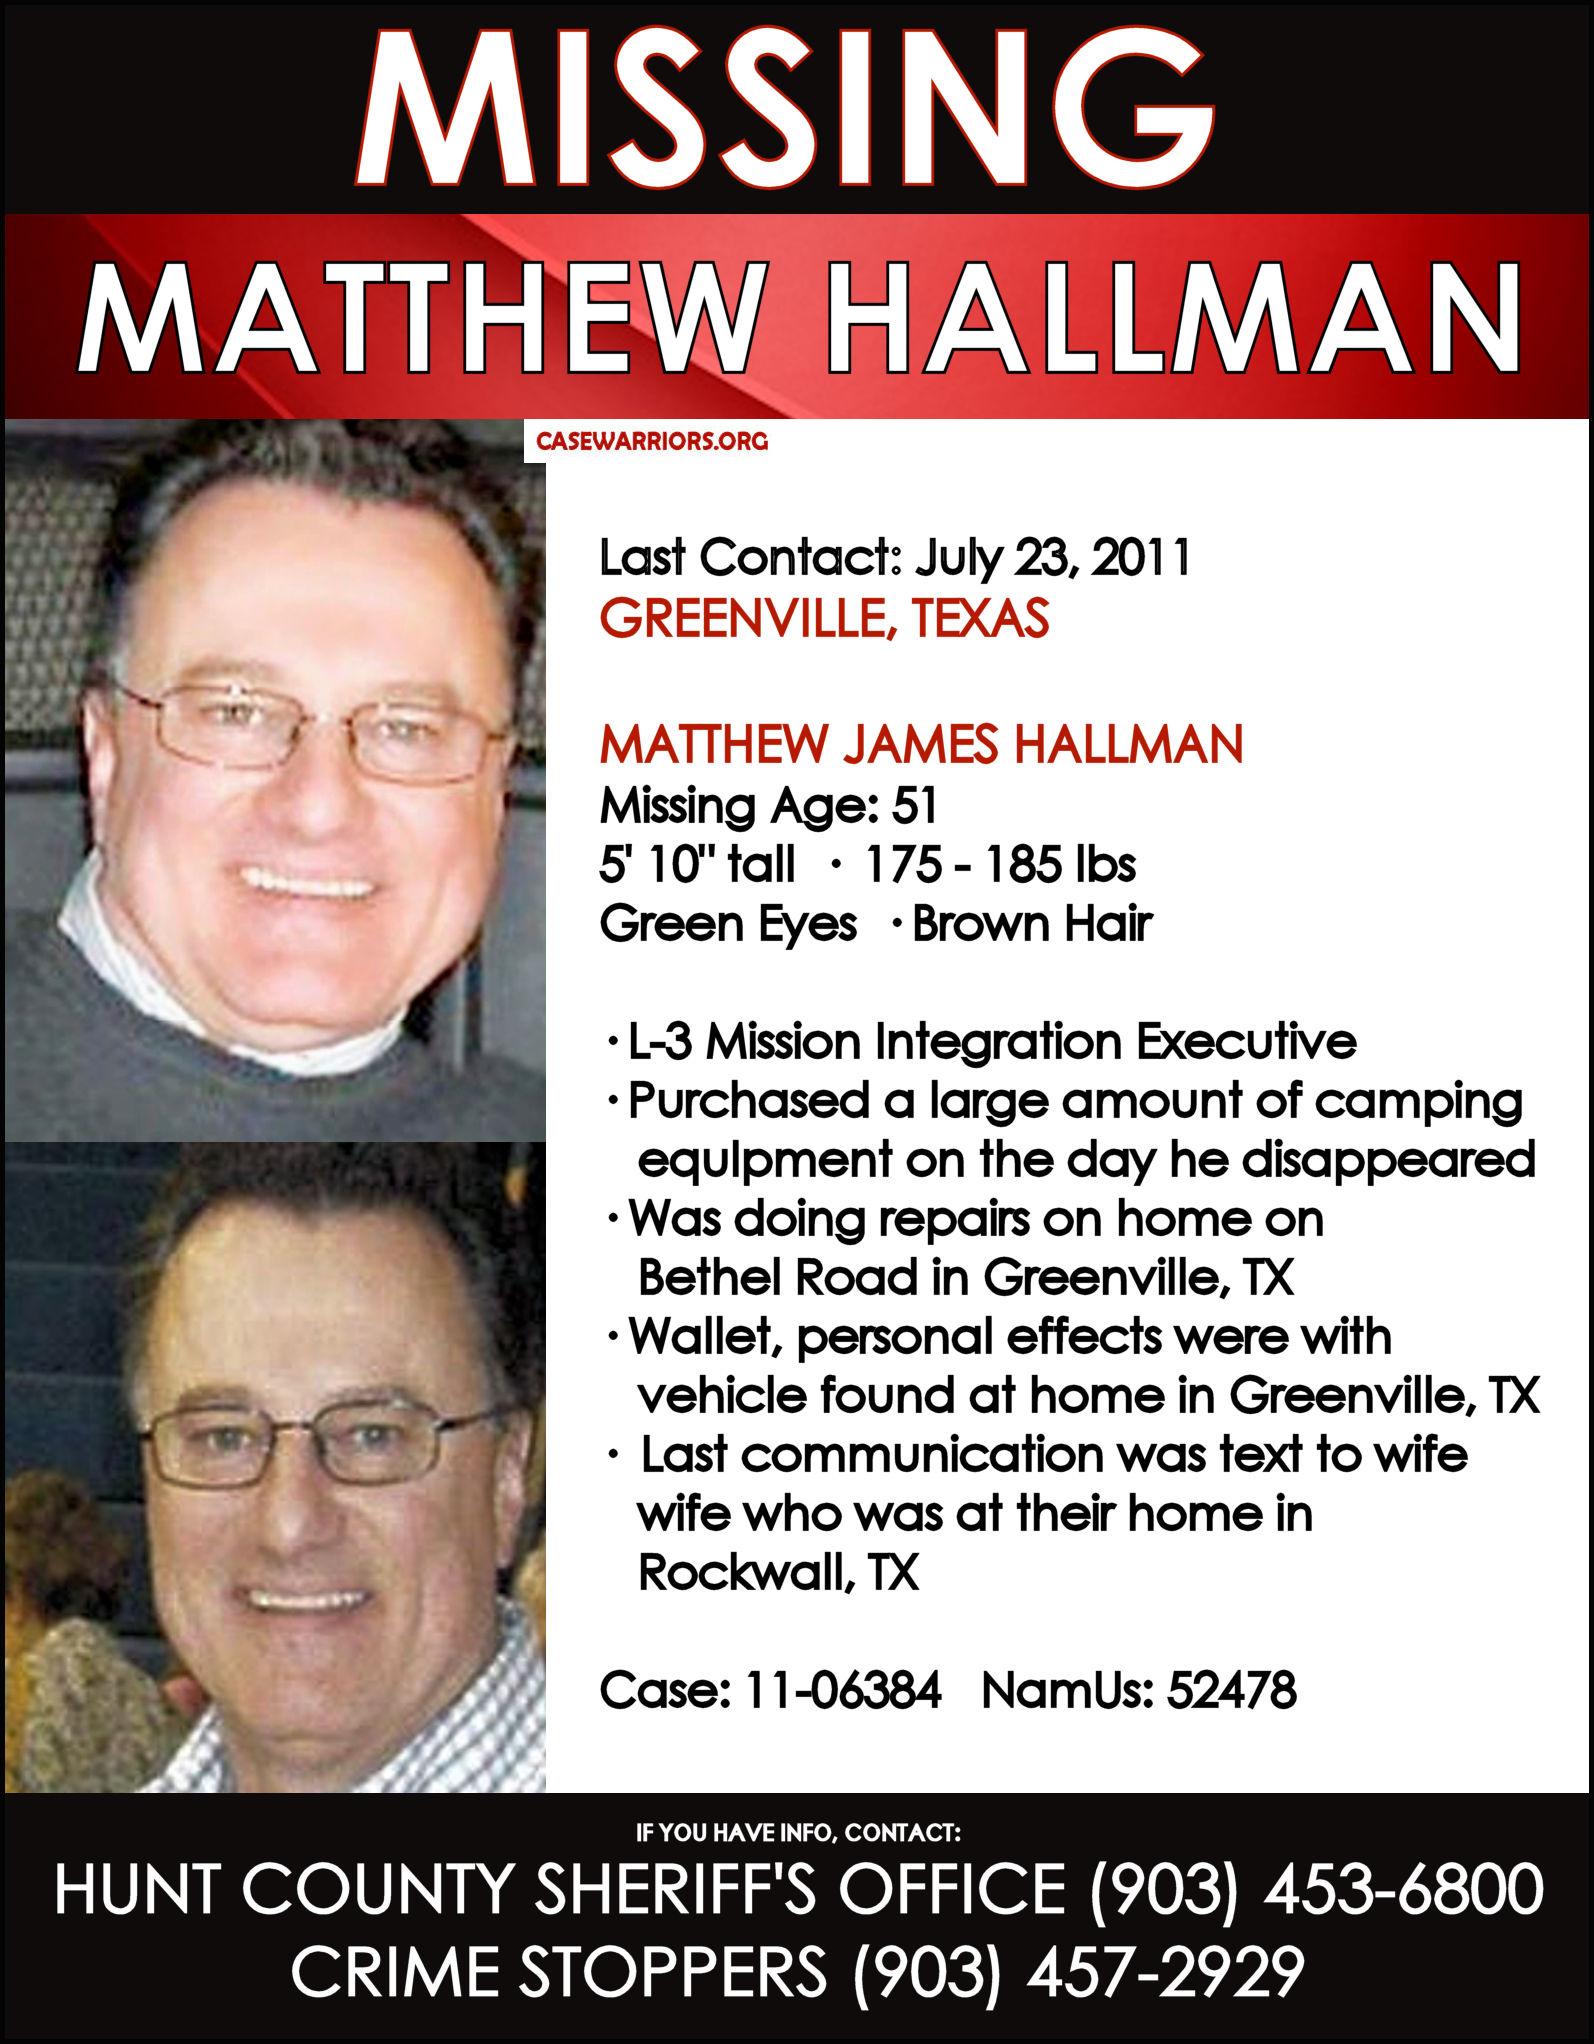 MATTHEW HALLMAN